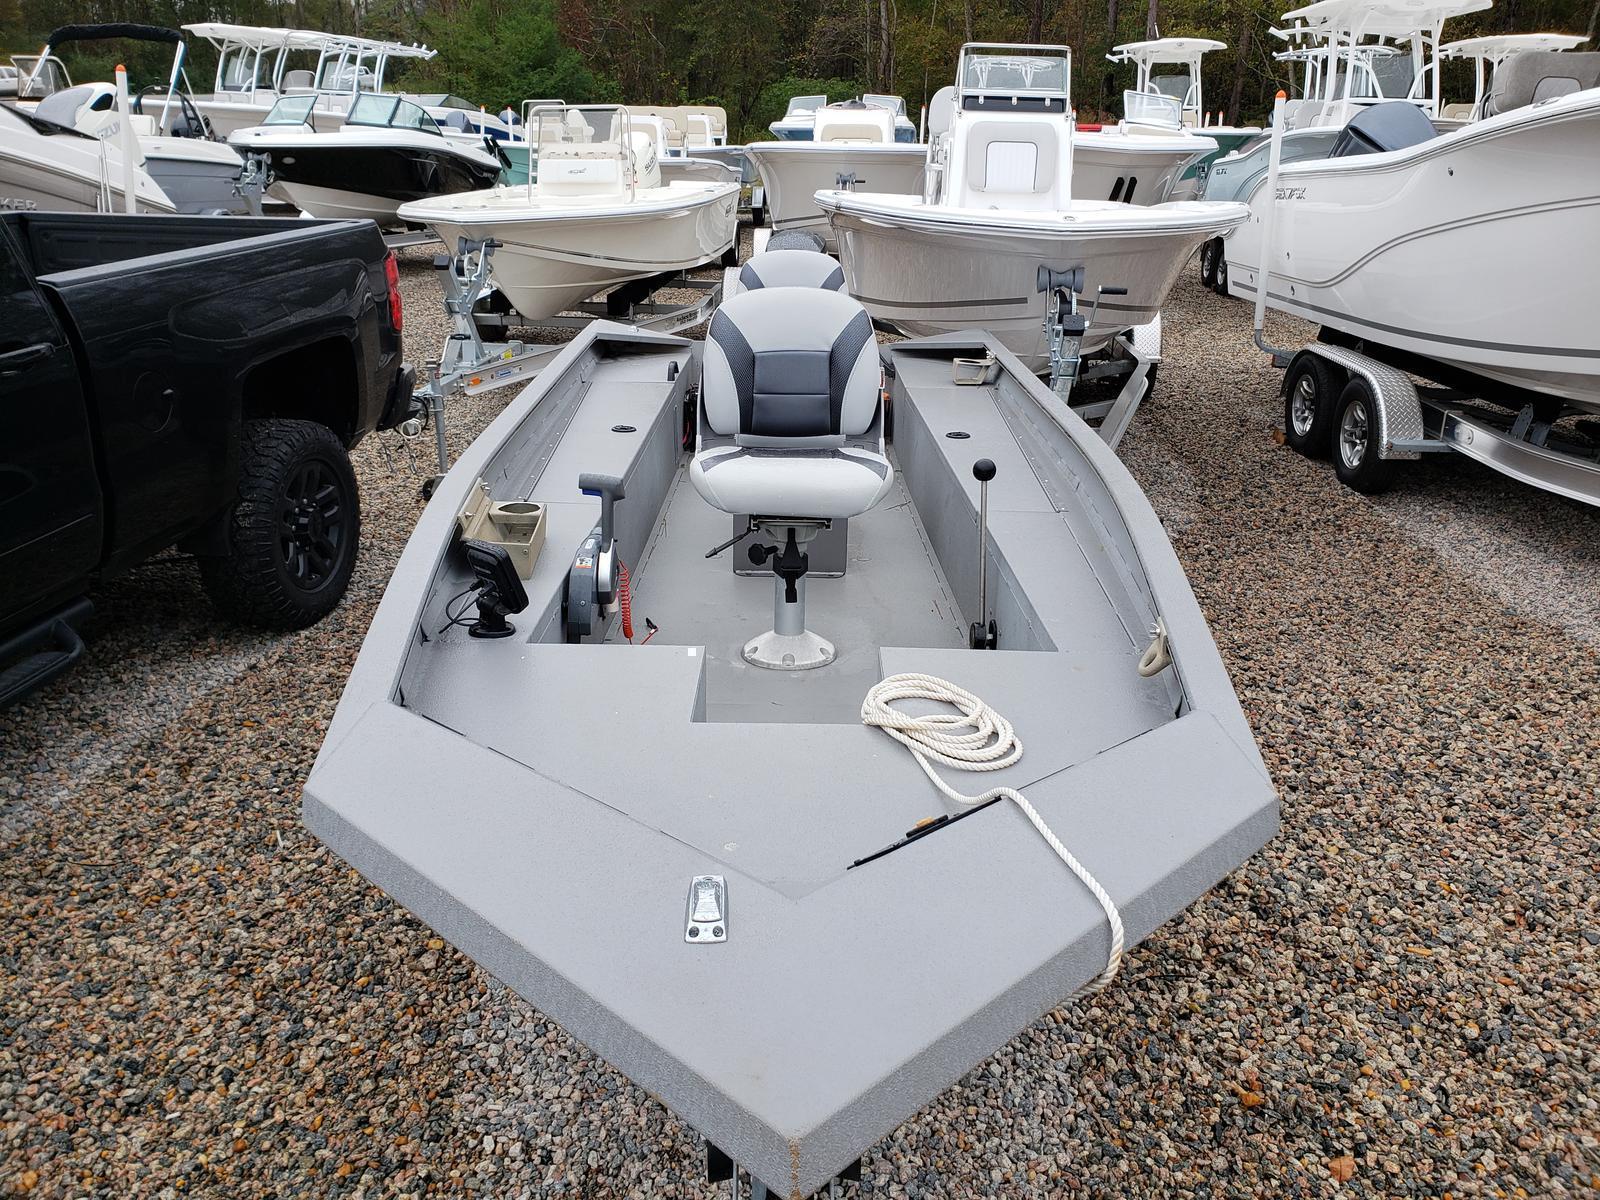 2015 Alumacraft Crappie Deluxe